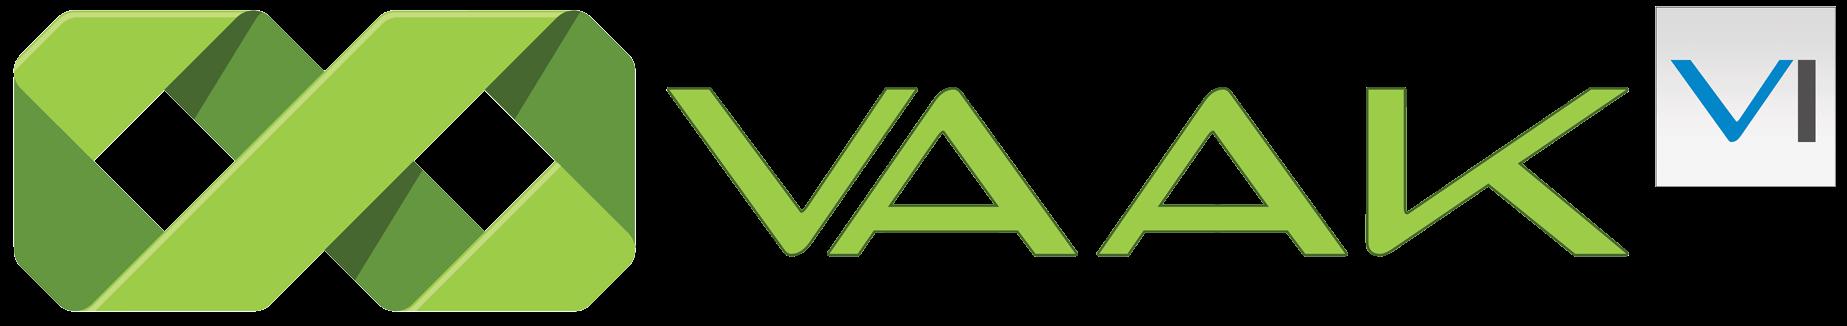 واک 4 (VAAK) ارائه شد.